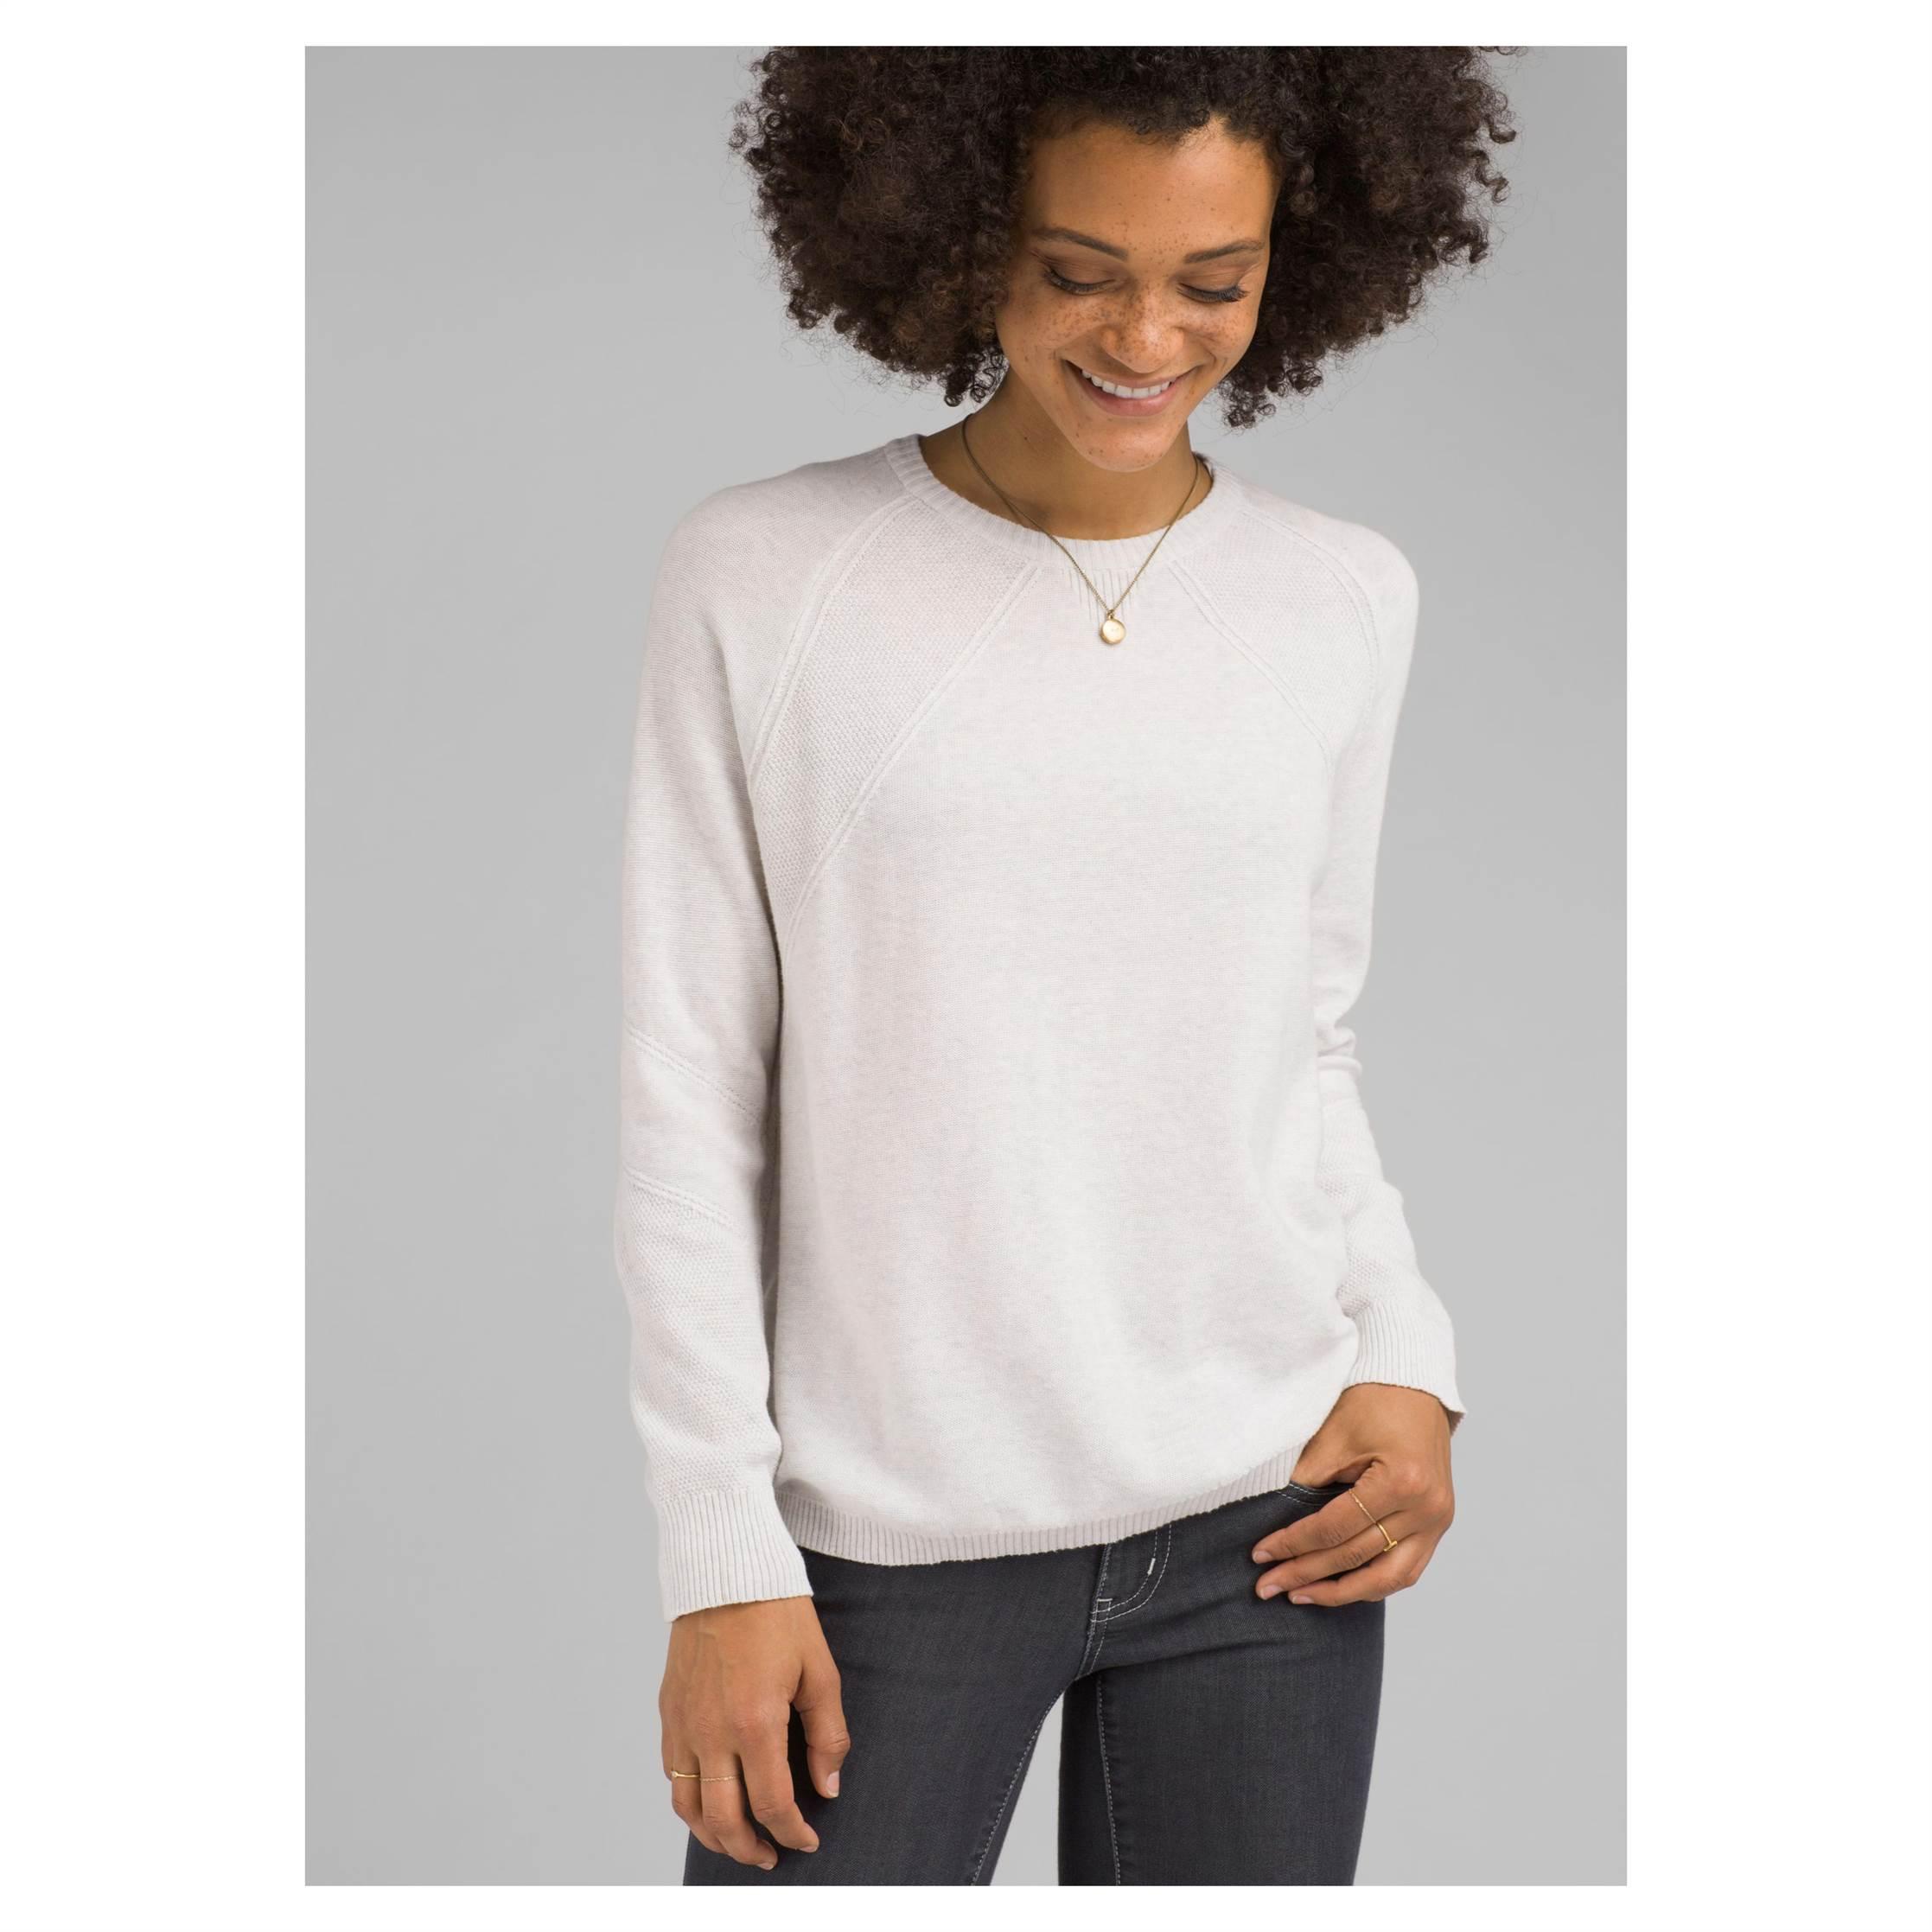 Avita Sweater - Women's